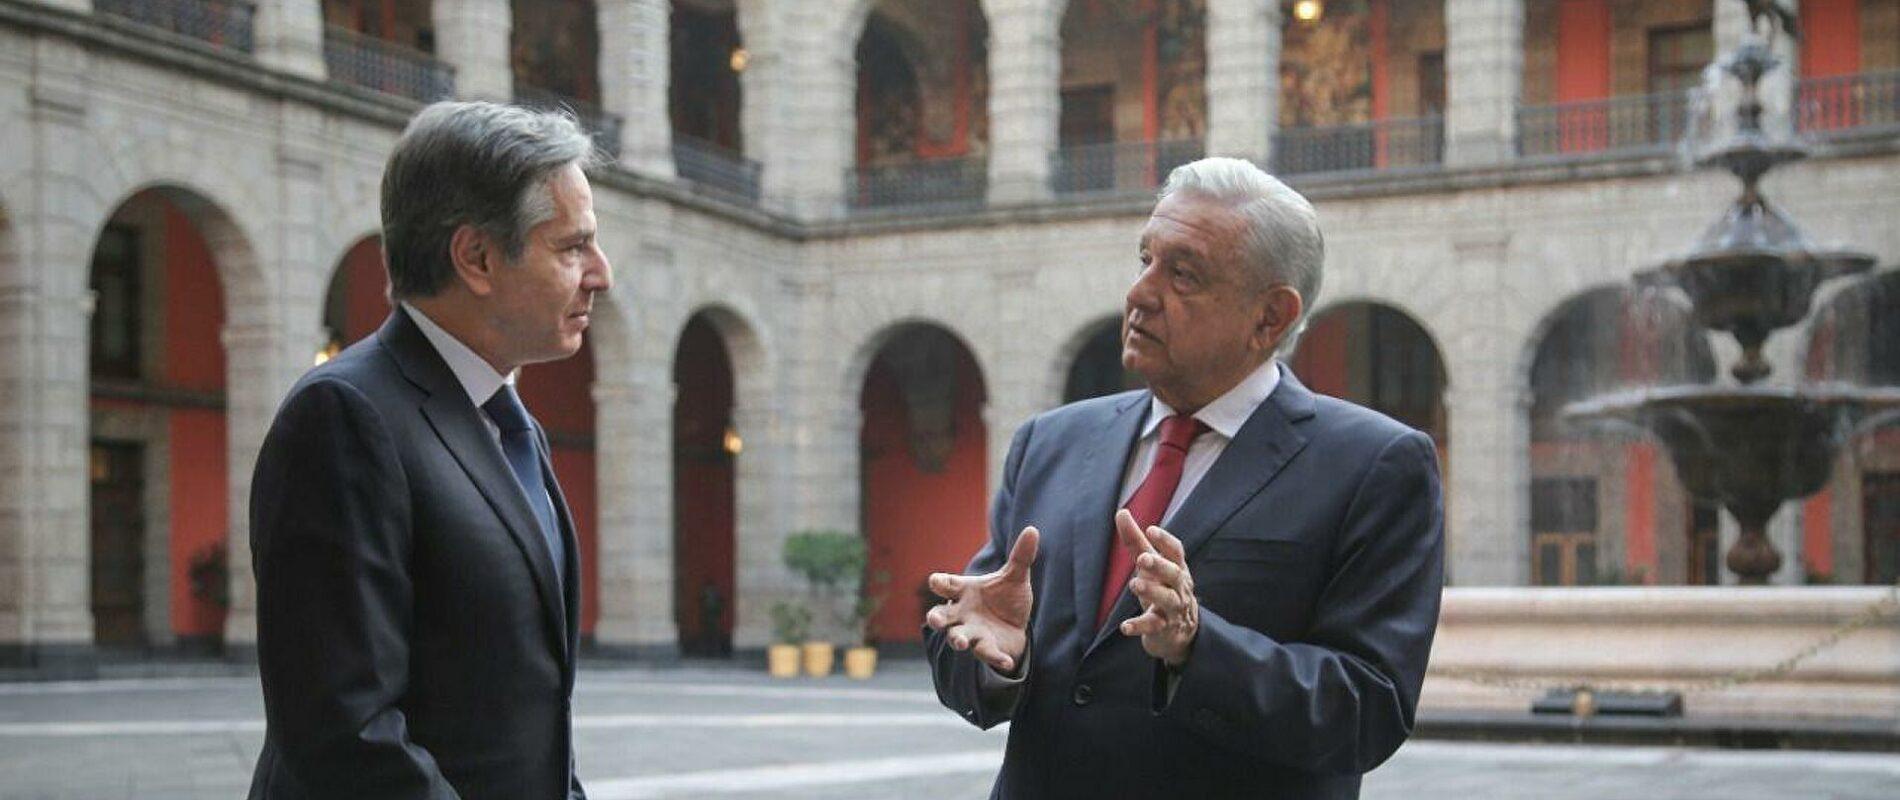 Diálogo de Alto Nivel de Seguridad entre México y EE.UU será respetuoso: López Obrador